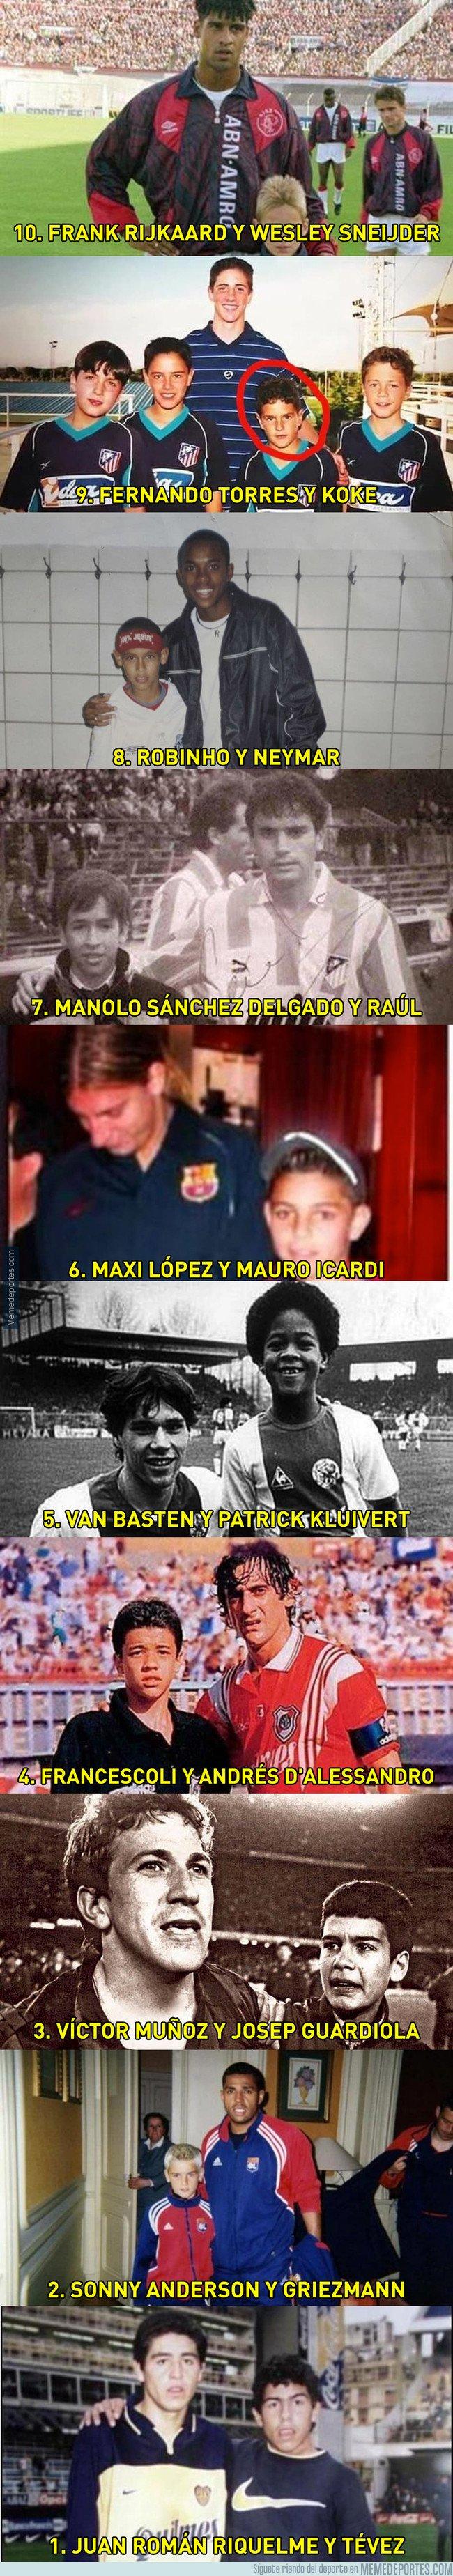 1033381 - 10 grandes futbolistas actuales que siendo niños se fotografiaron con jugadores famosos